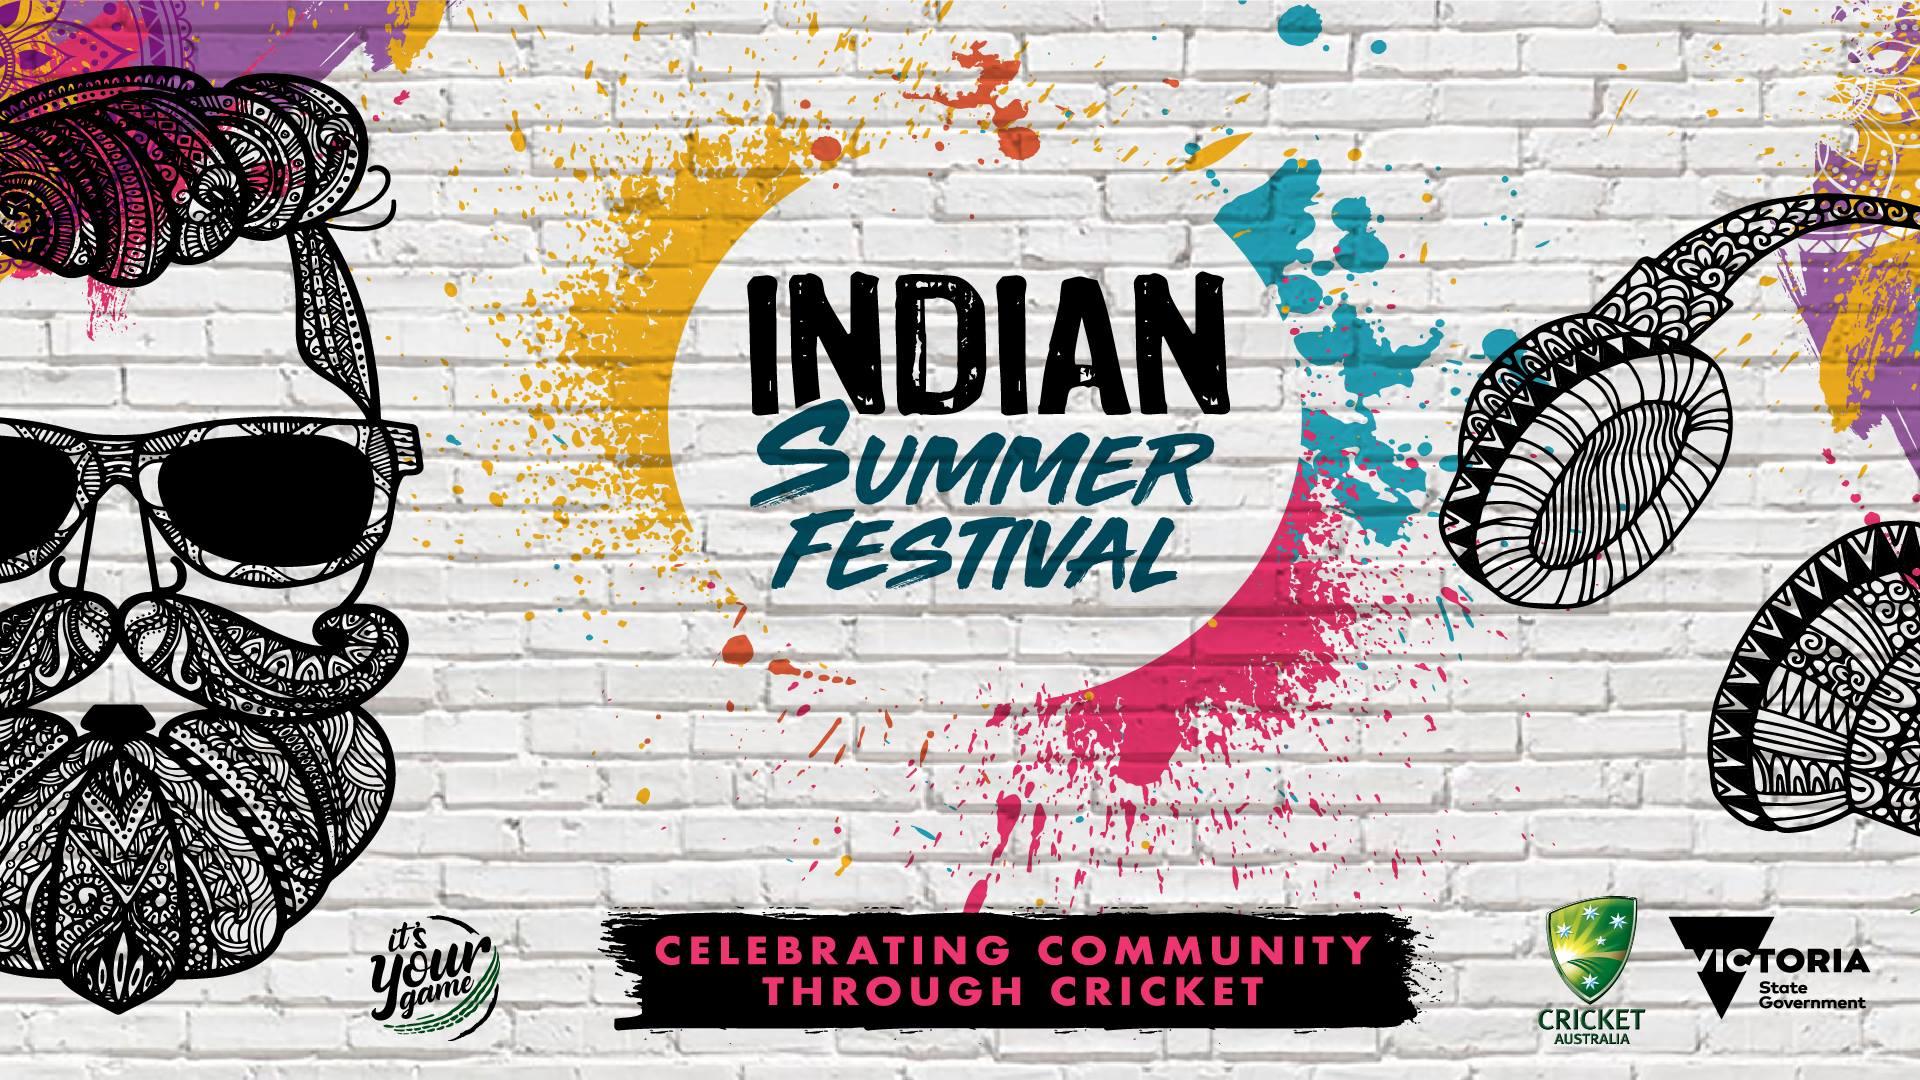 Crciket Aust Indian Summer Festival Event Art.jpg